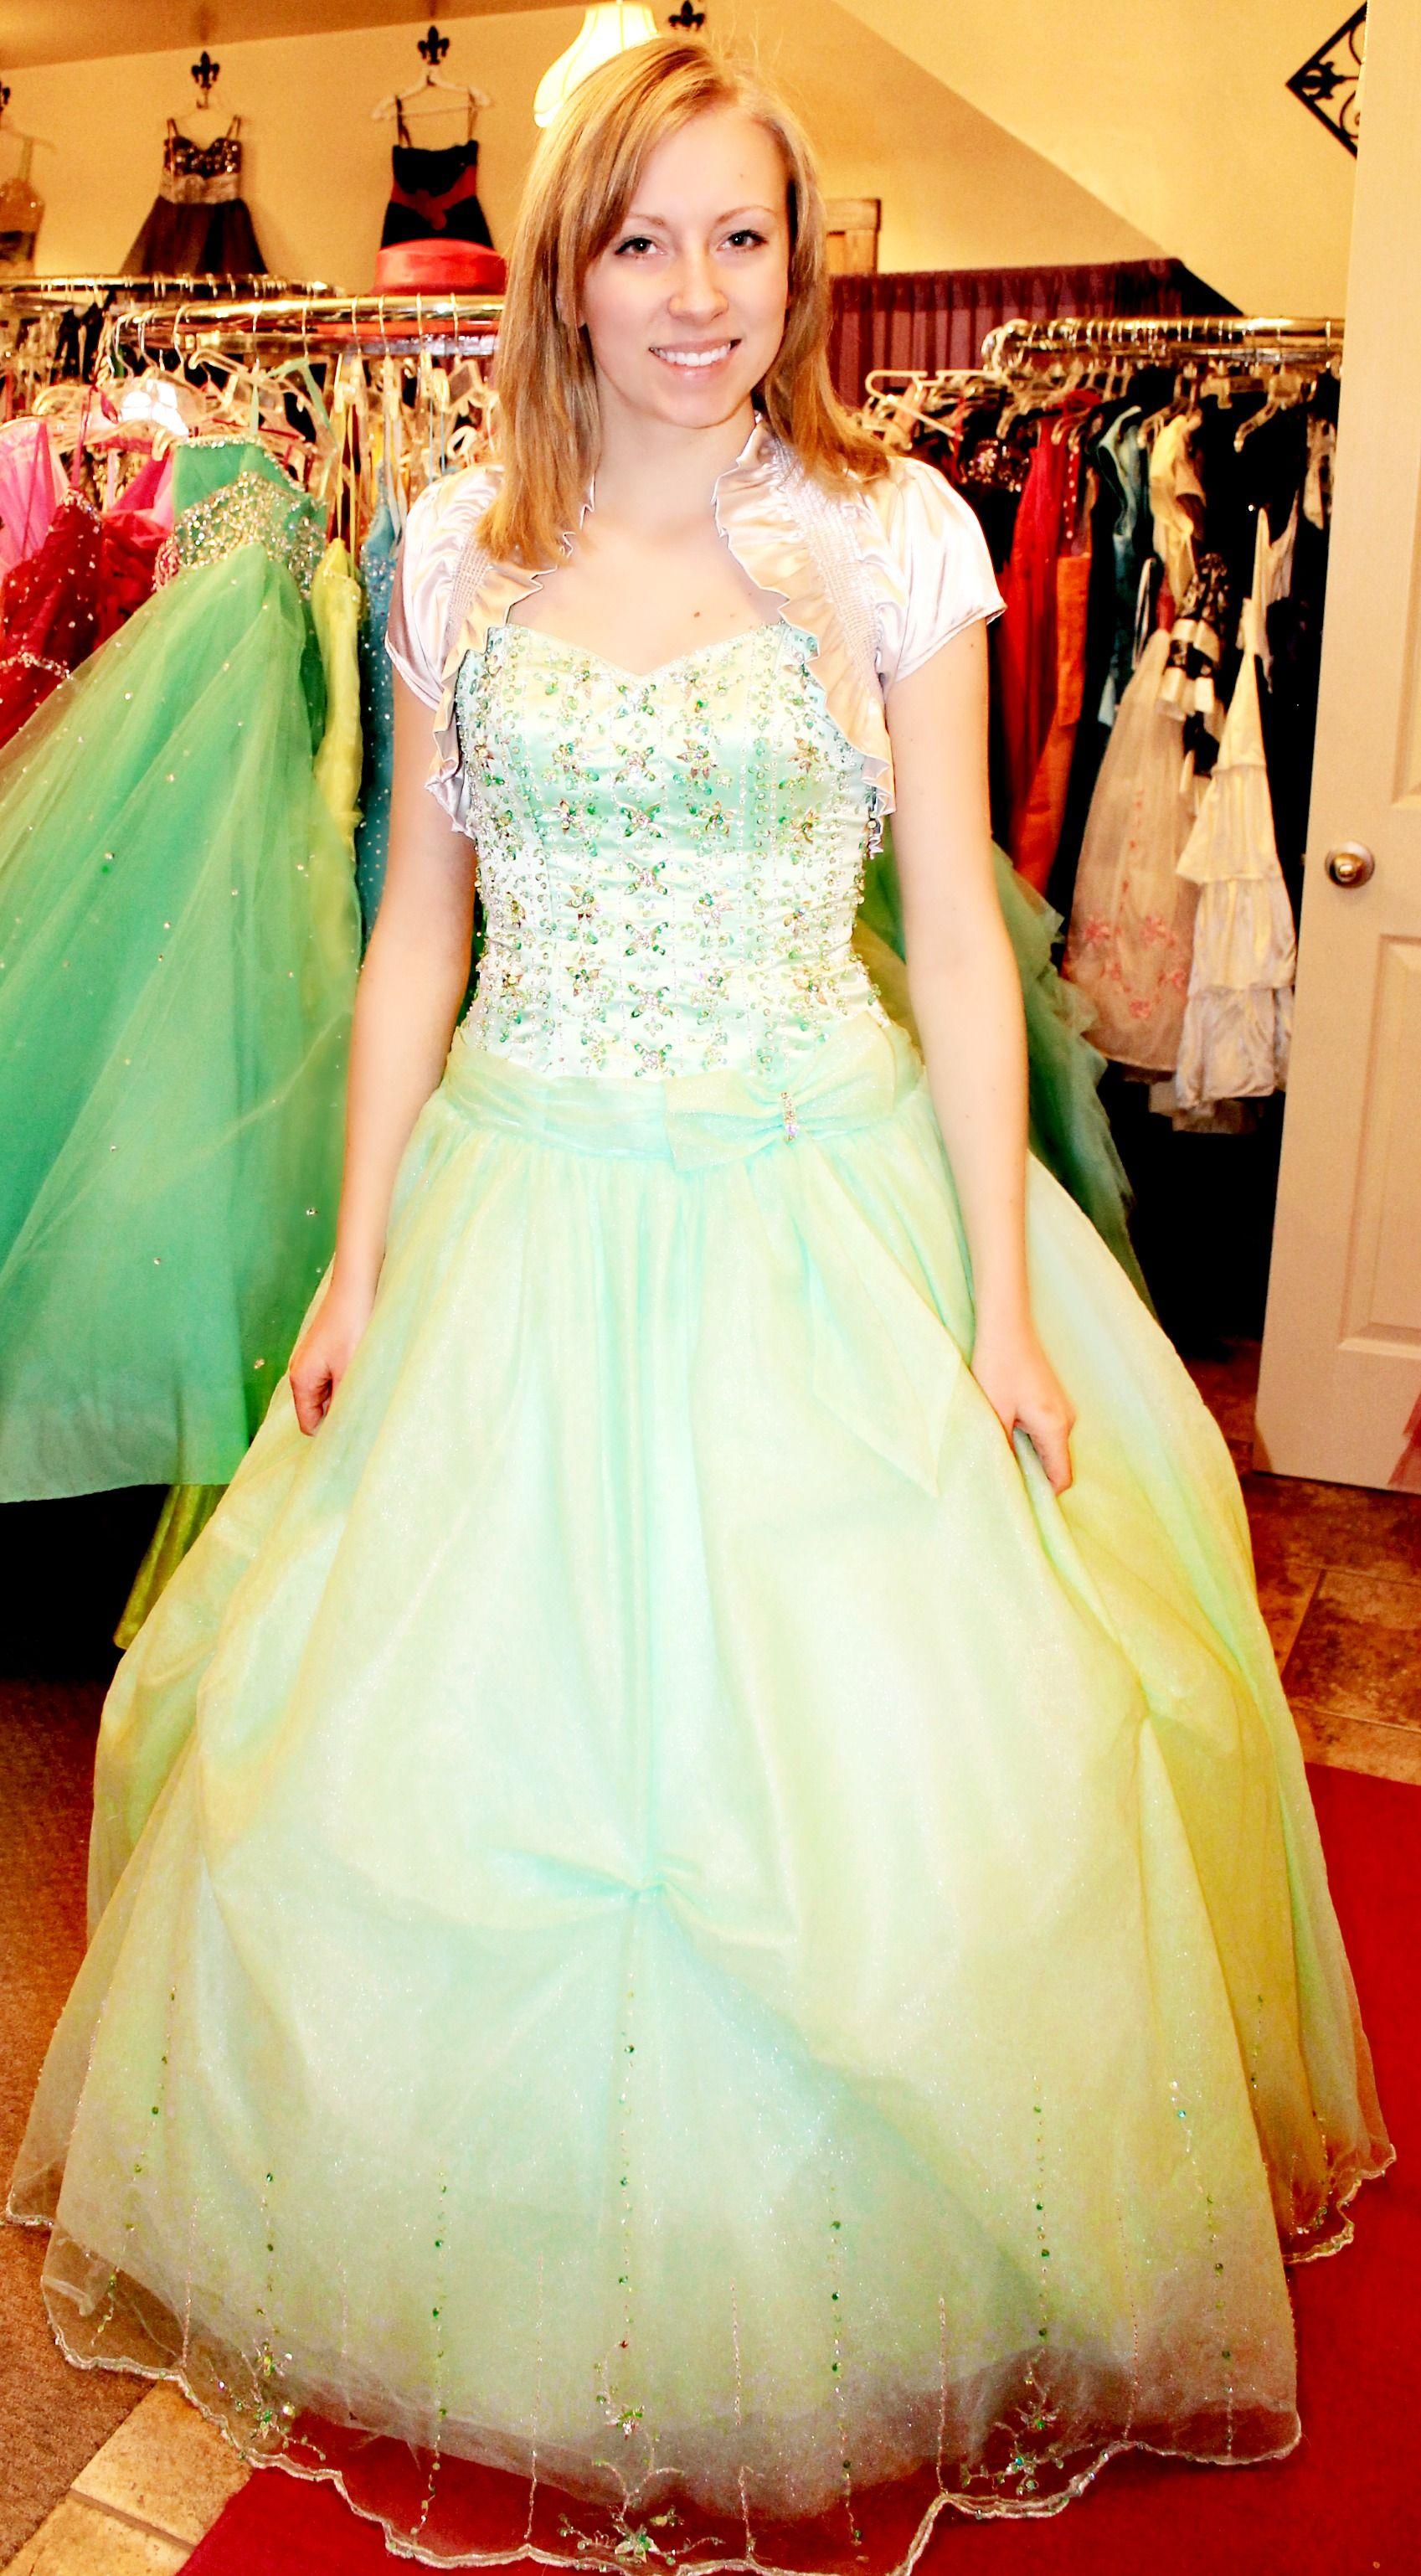 Mint green long ball gown formal prom dress made modest